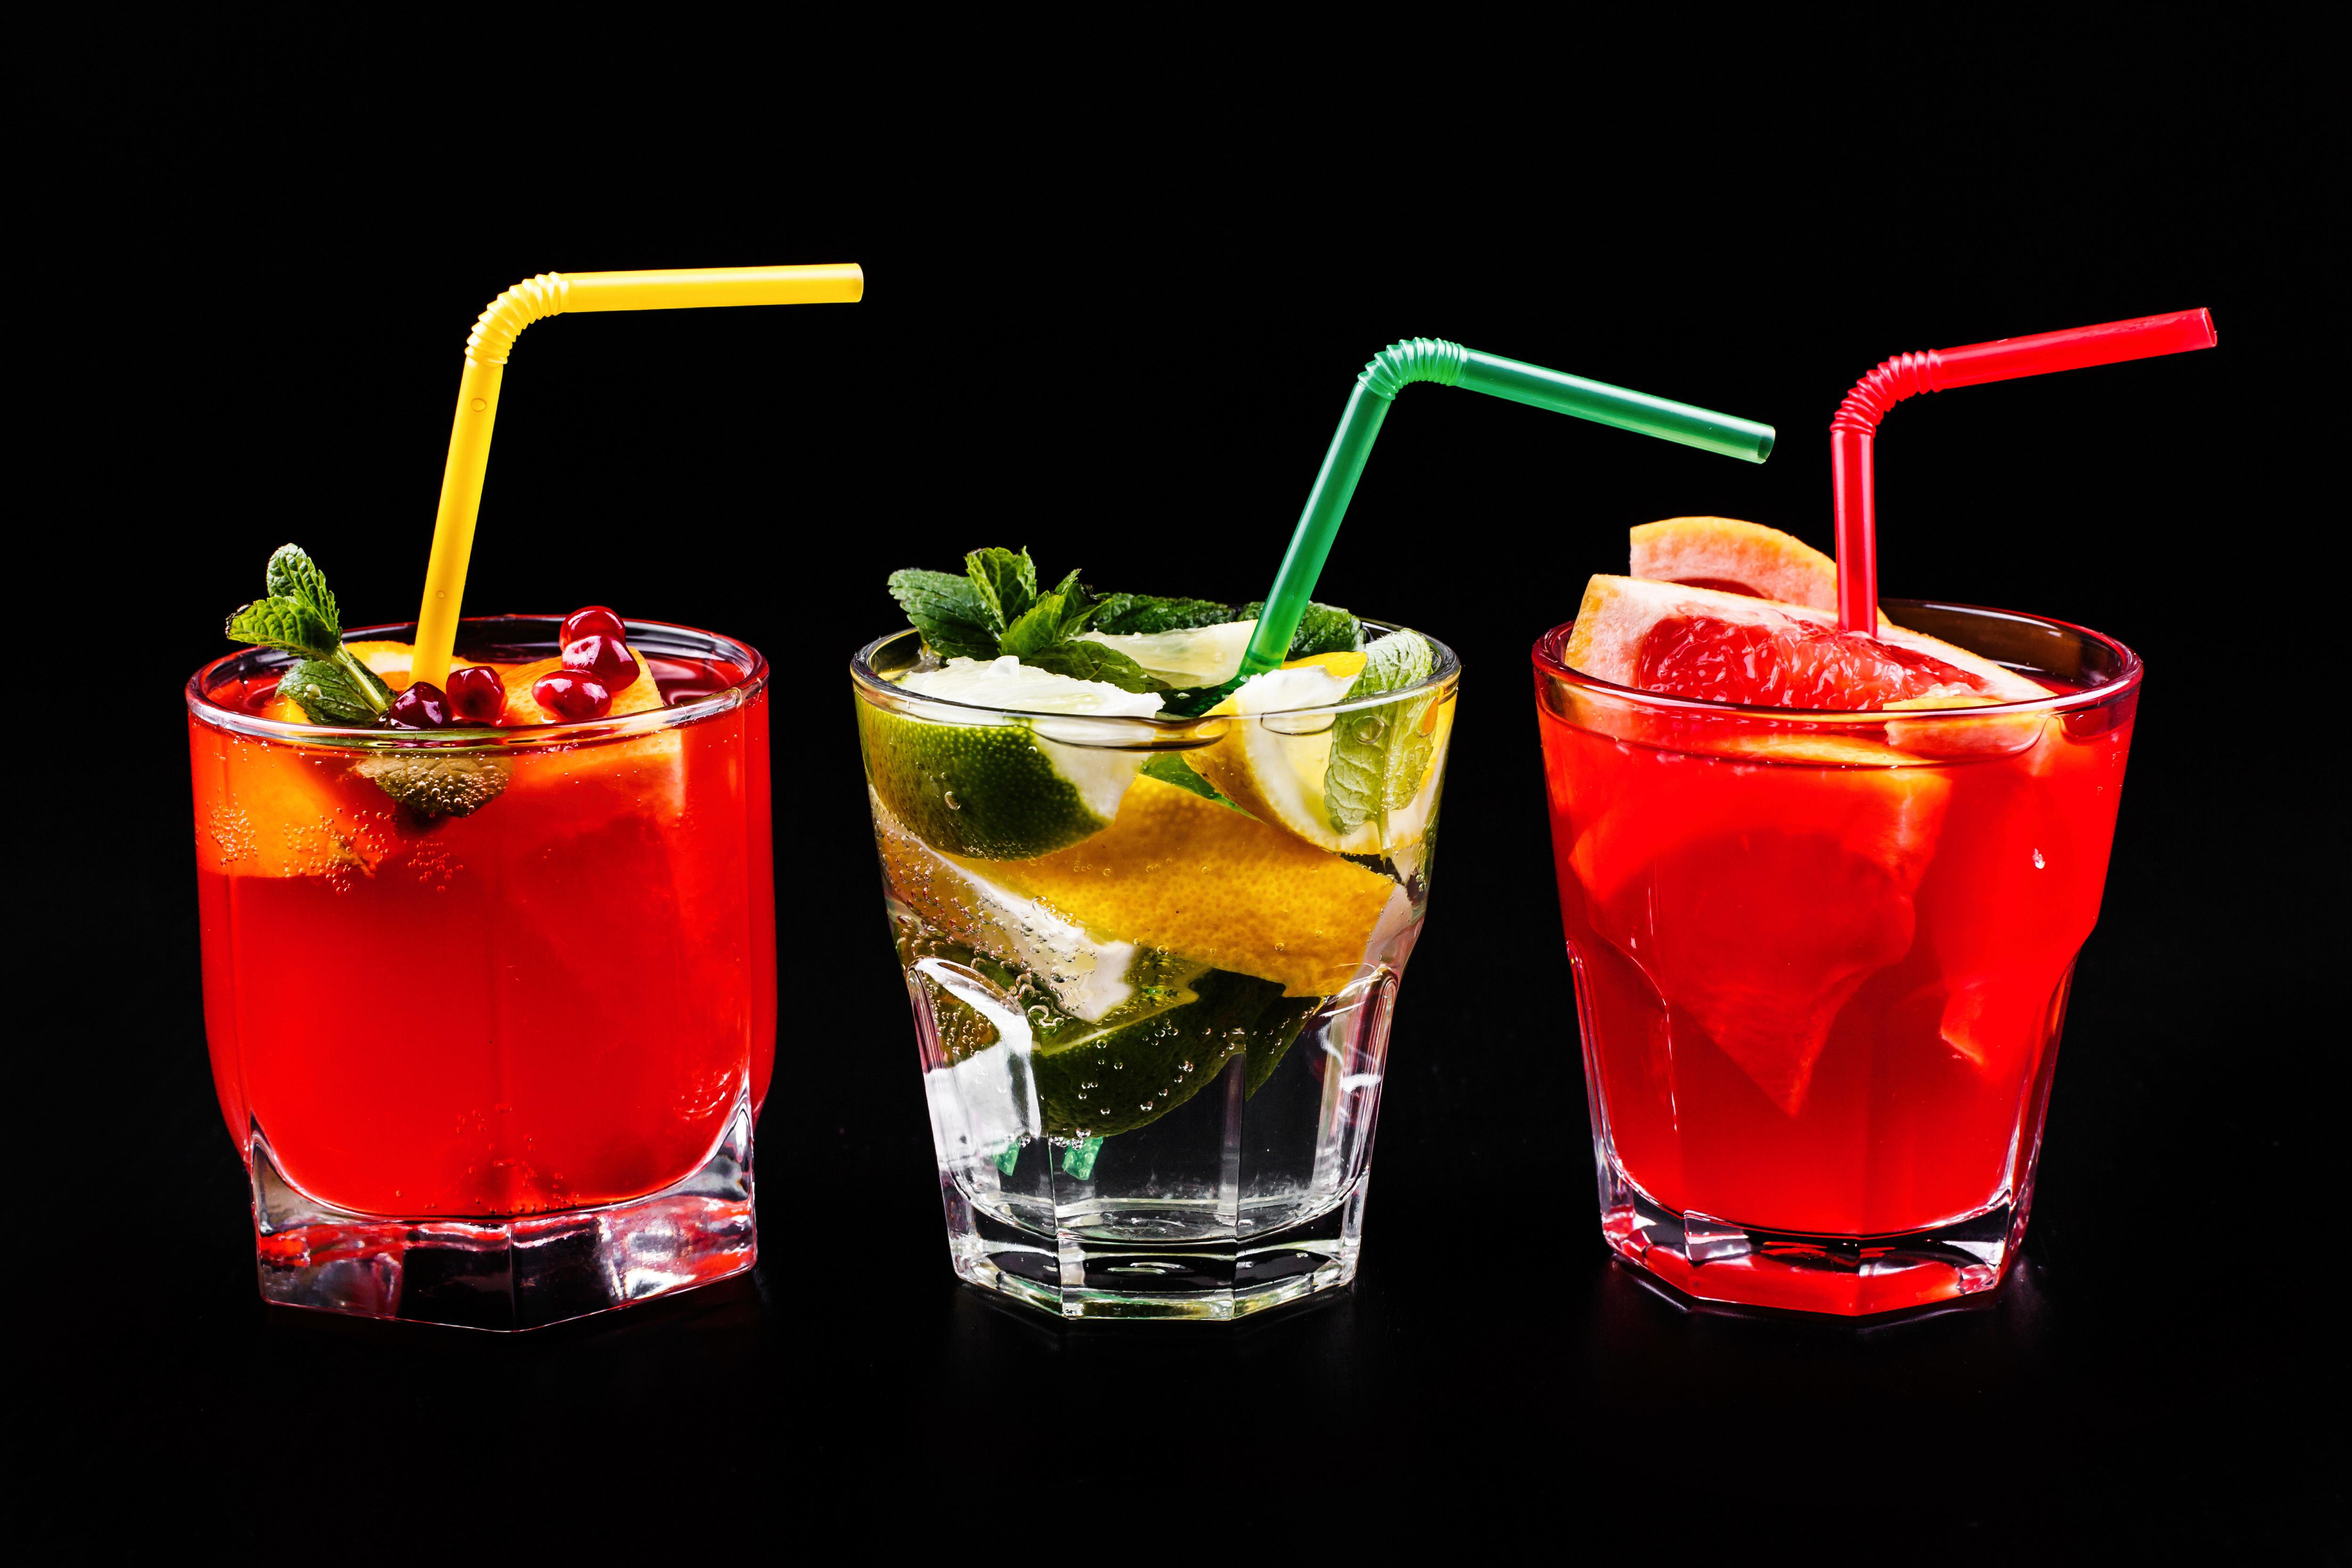 Картинки Алкогольные напитки стакана Еда три рюмки Коктейль Цитрусовые на черном фоне 4996x3331 Стакан стакане Пища Рюмка Трое 3 втроем Продукты питания Черный фон